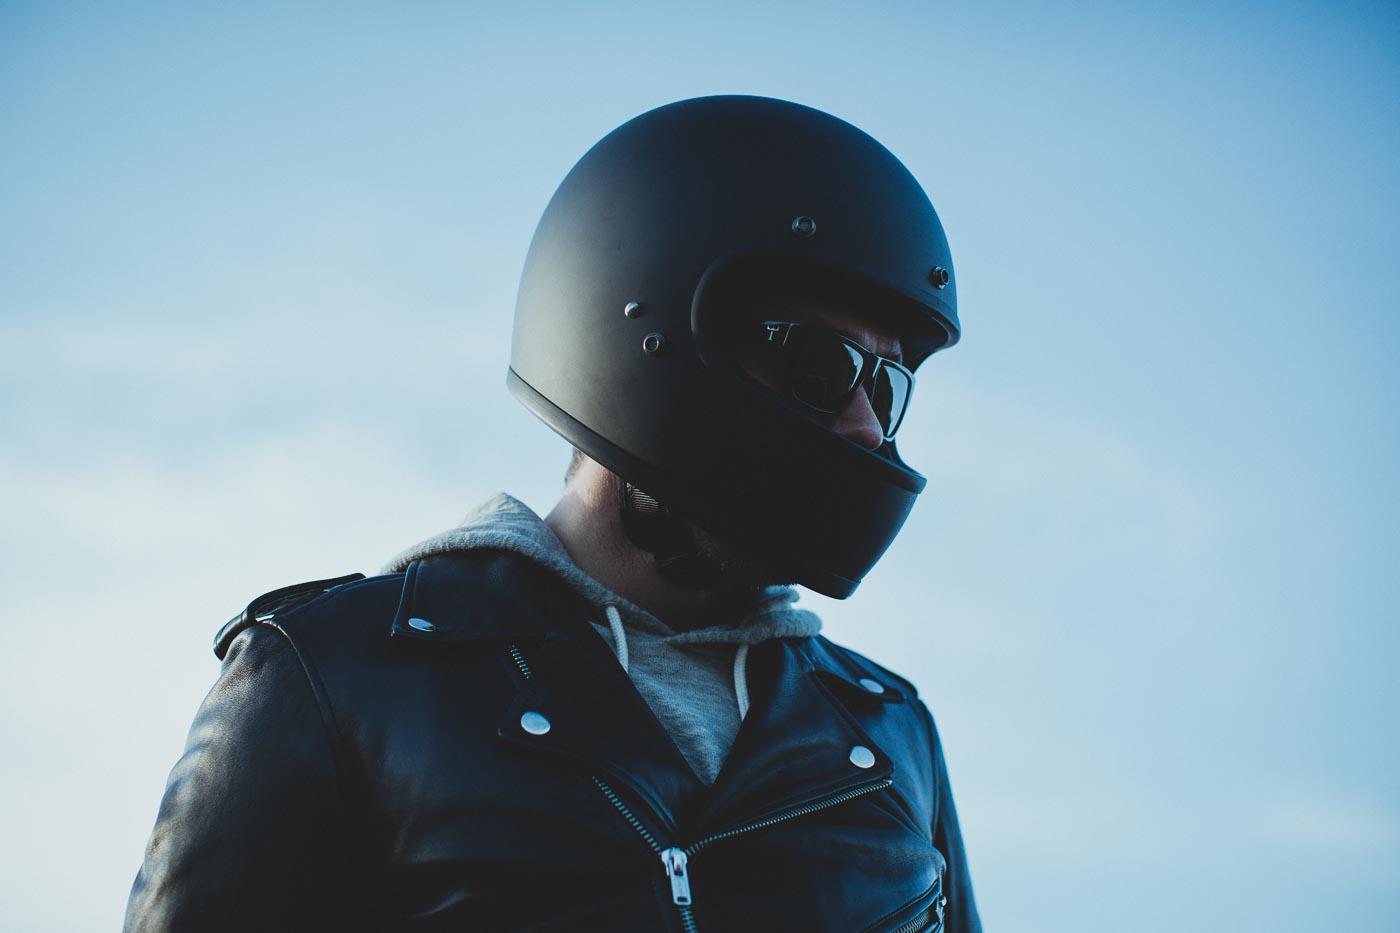 WilkieVintage_Motorcycle_Projects @ Alan Thomas Duncan Wilkie-1.jpg